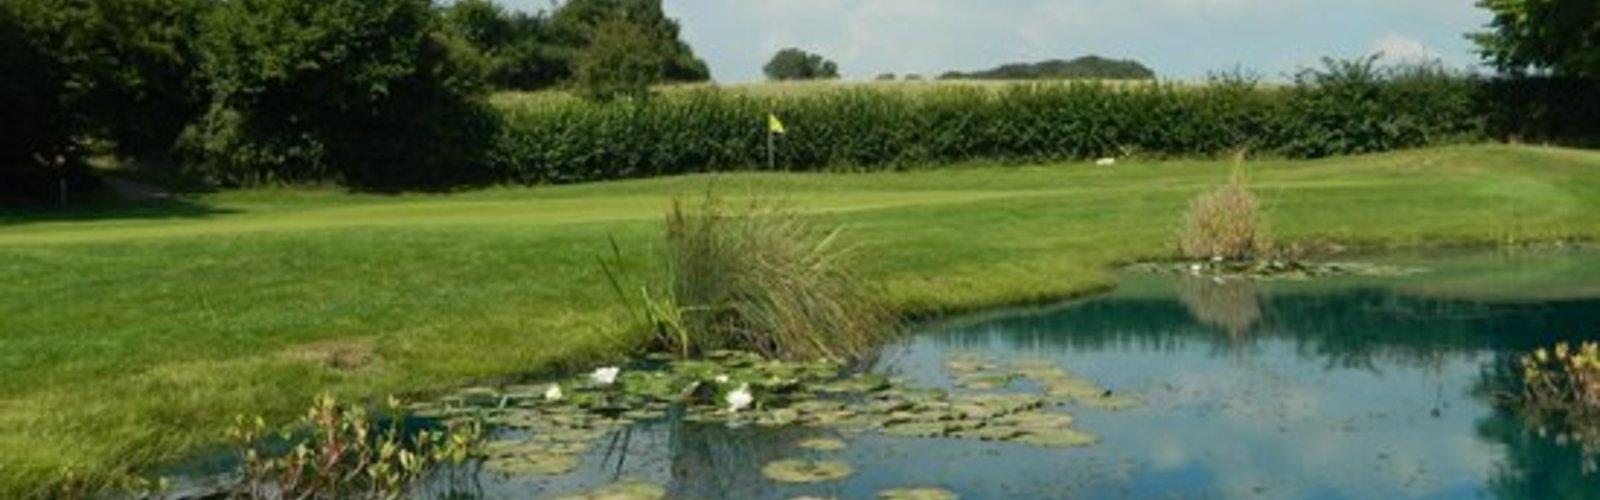 Coed y mwstwr golf club